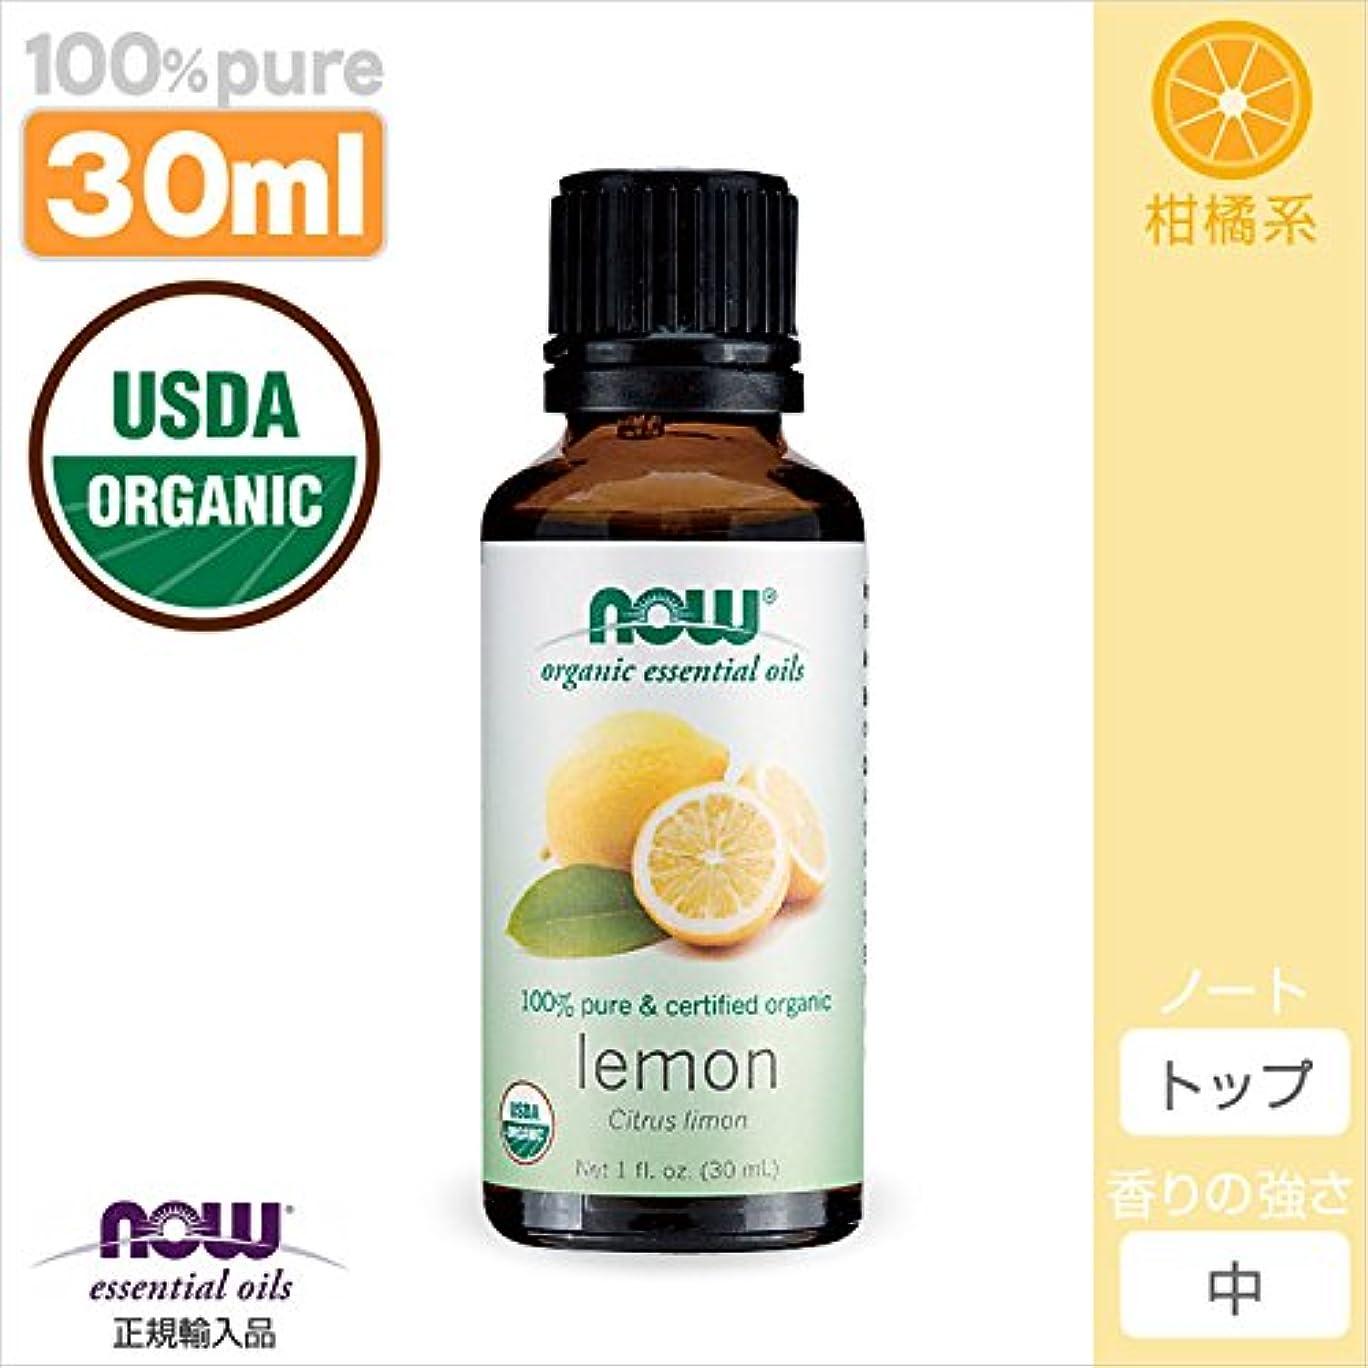 端ビデオアリーナレモン精油オーガニック[30ml] 【正規輸入品】 NOWエッセンシャルオイル(アロマオイル)